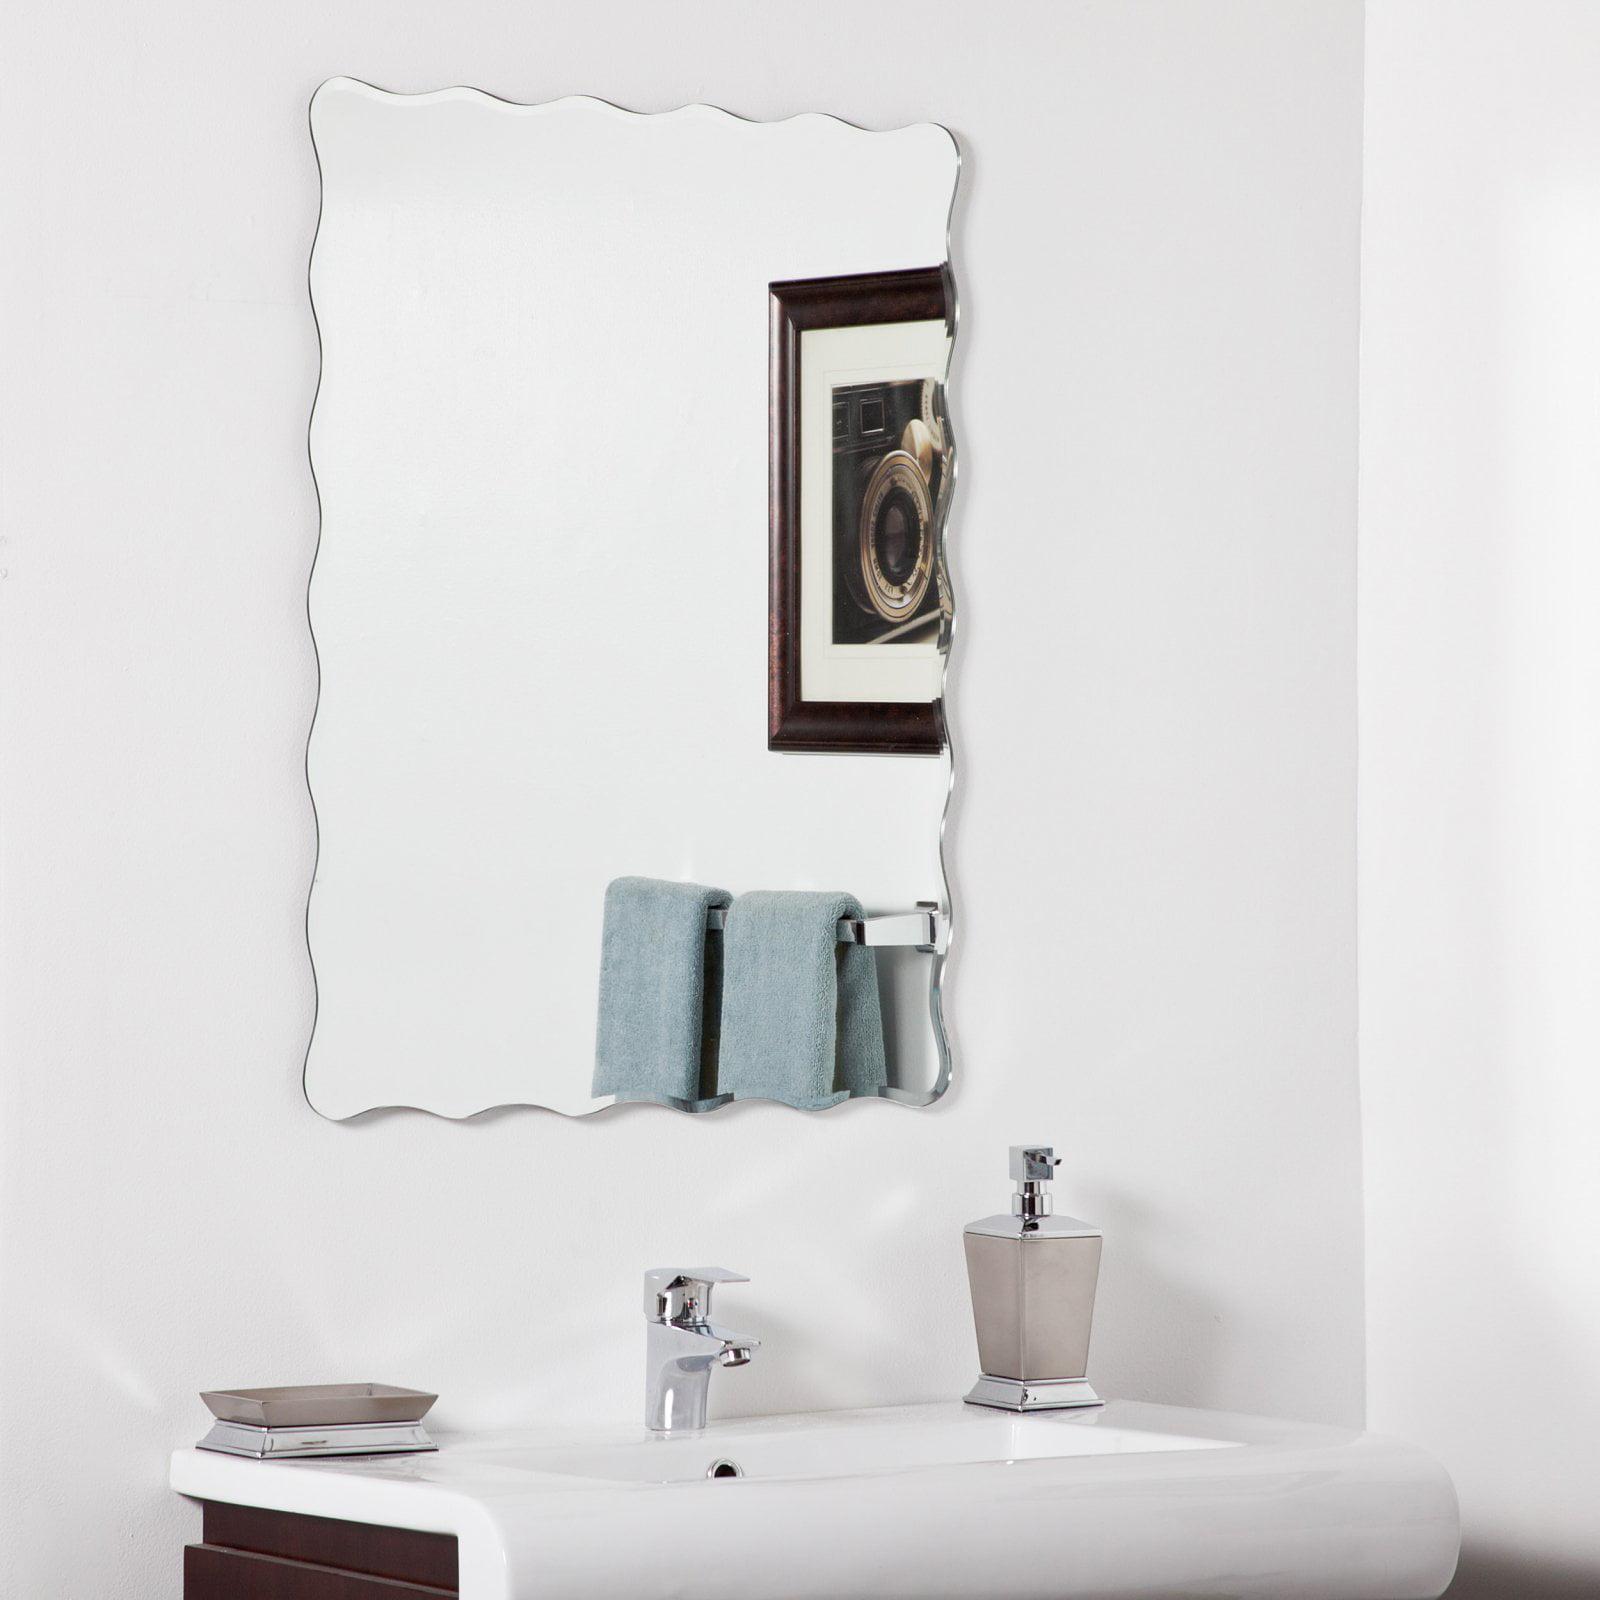 Décor Wonderland Angelina Modern Bathroom Mirror 23.6W x 31.5H in. by Decor Wonderland of US